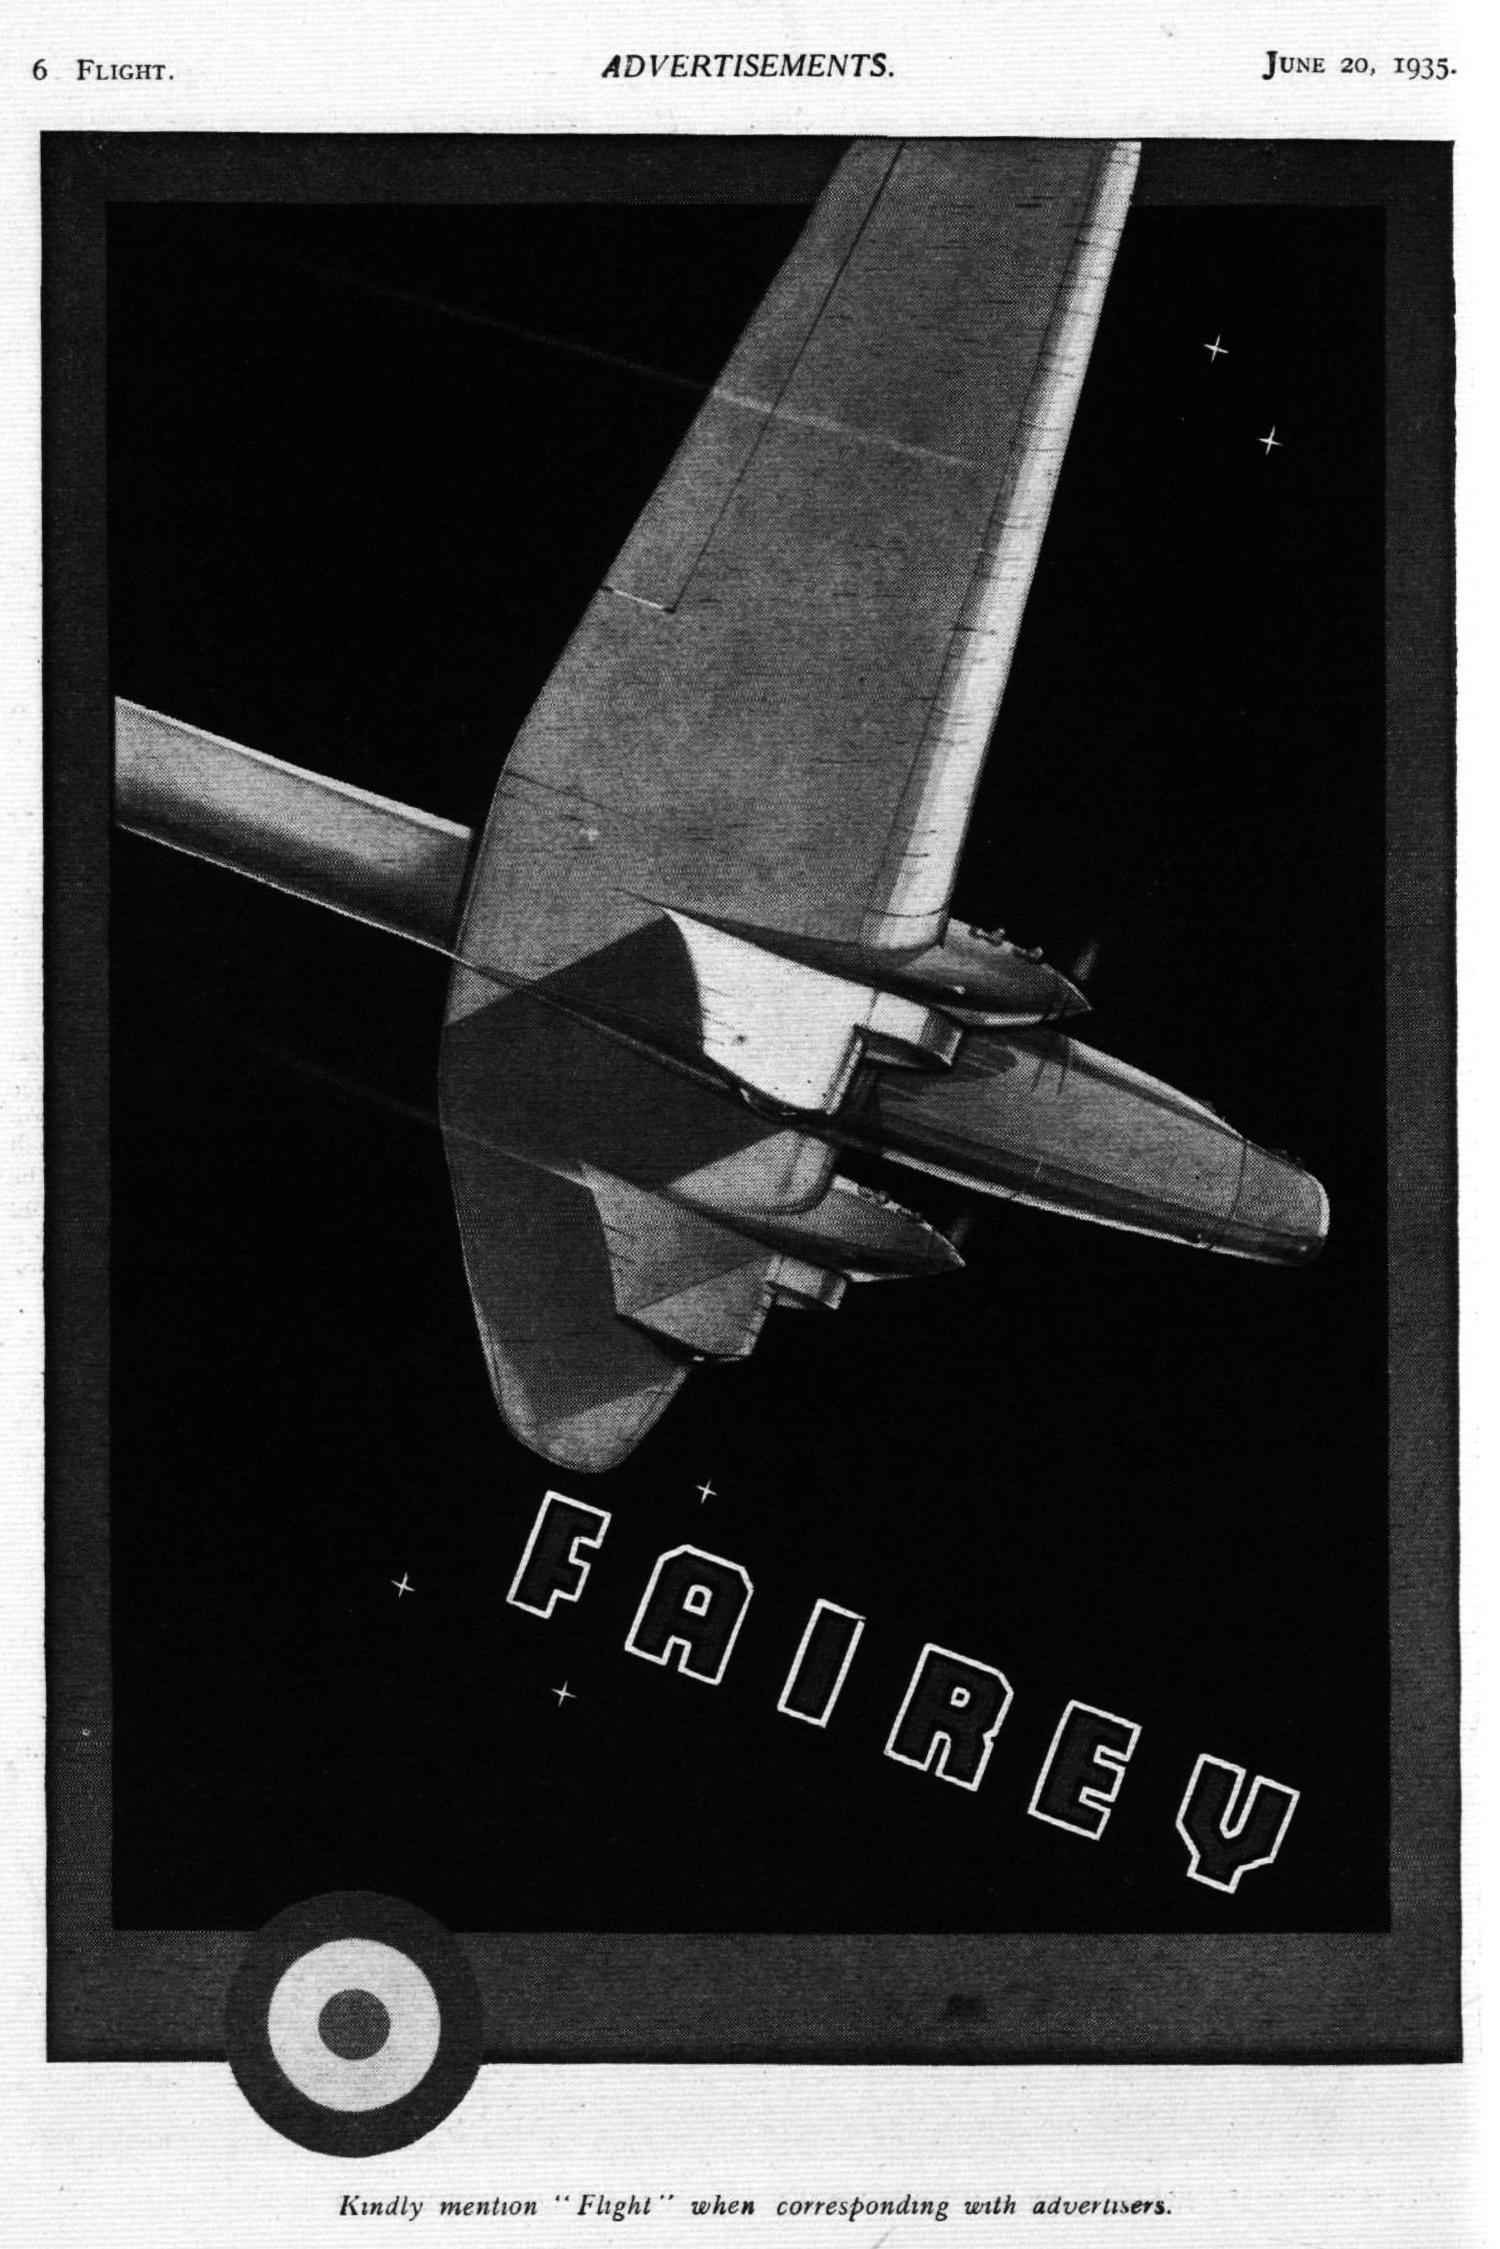 1935-06-20-flight-faireyhendon